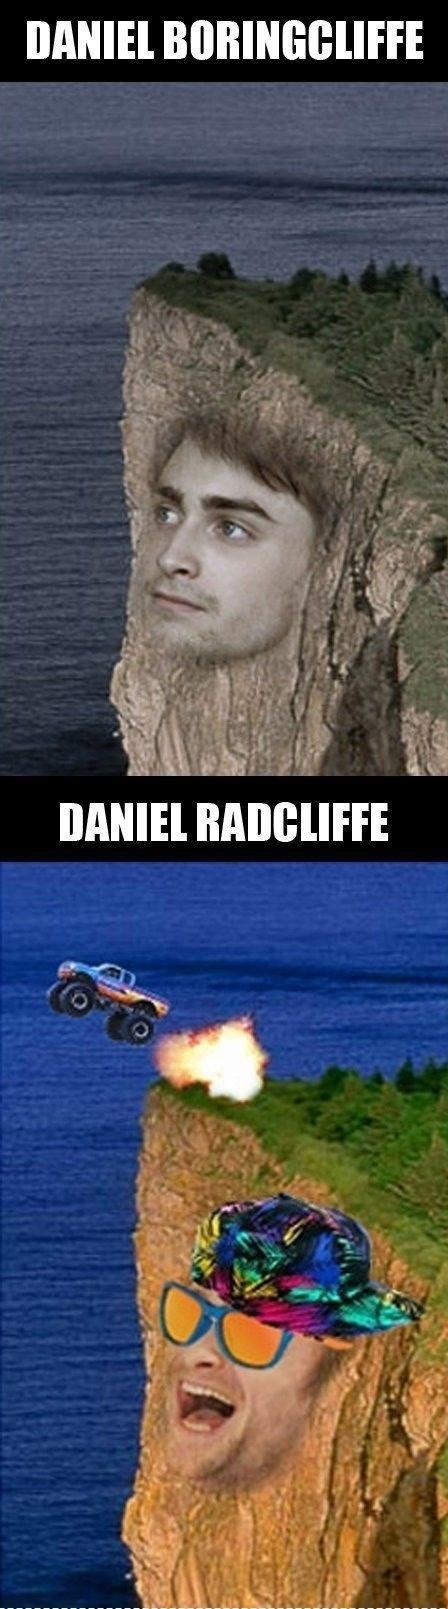 Daniel Radcliffe puns celeb - 7937891584